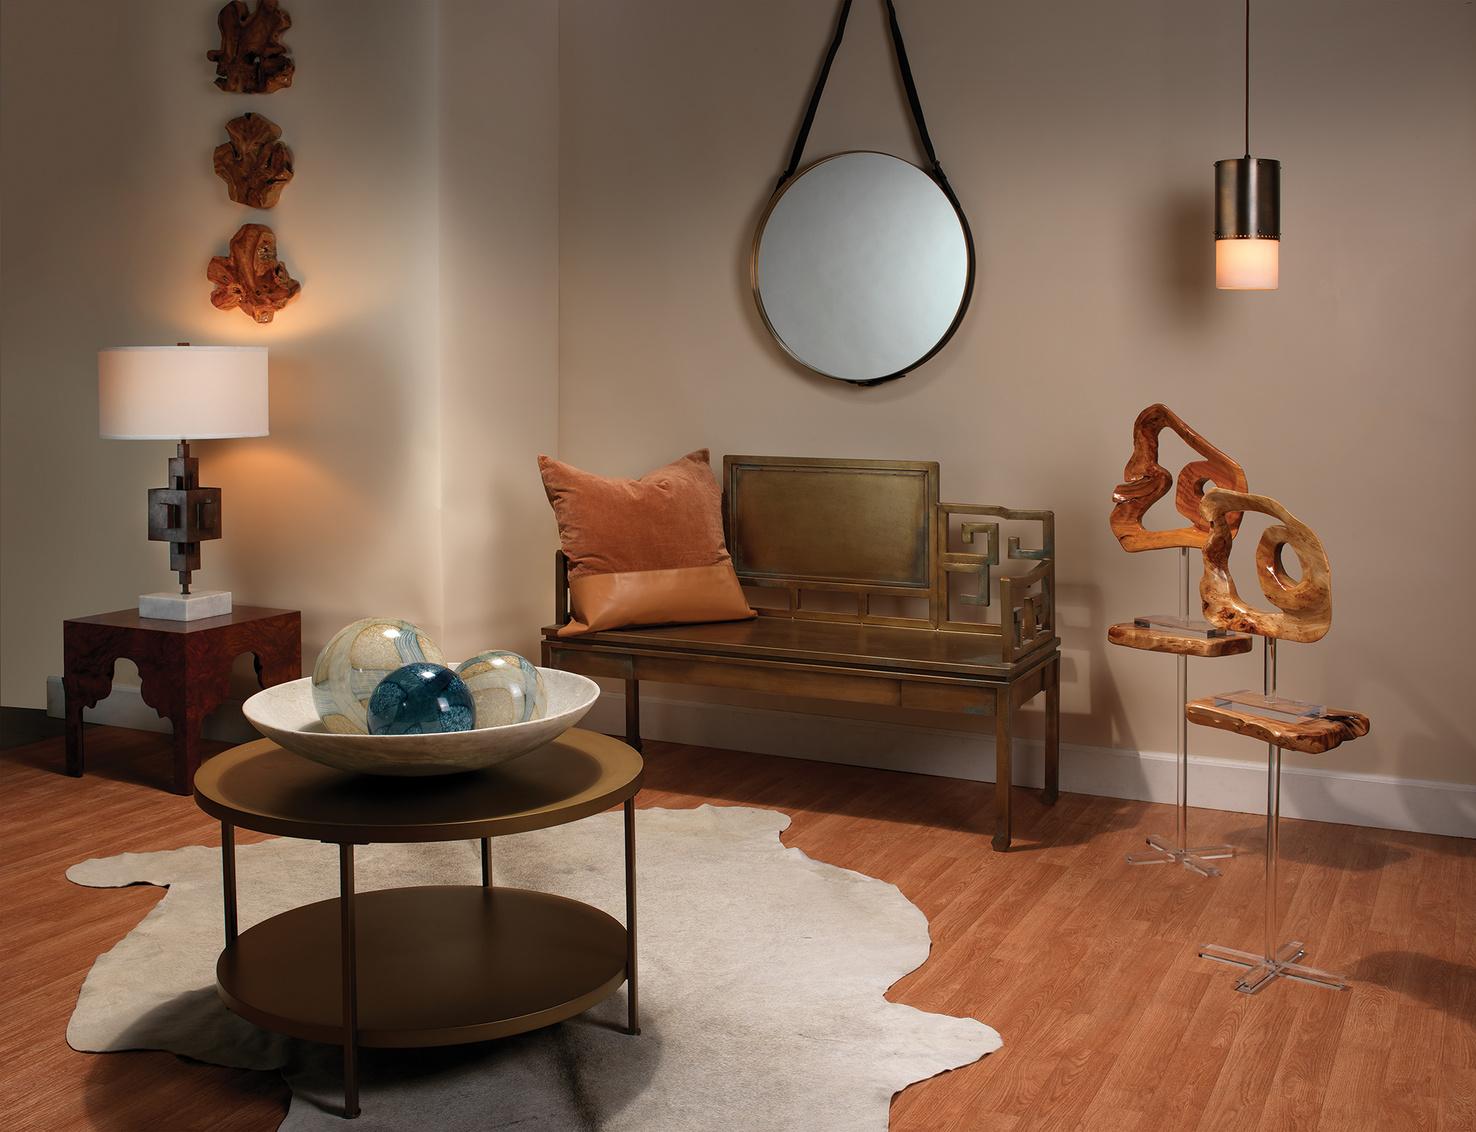 1809bslivingroom alloycoffeetable